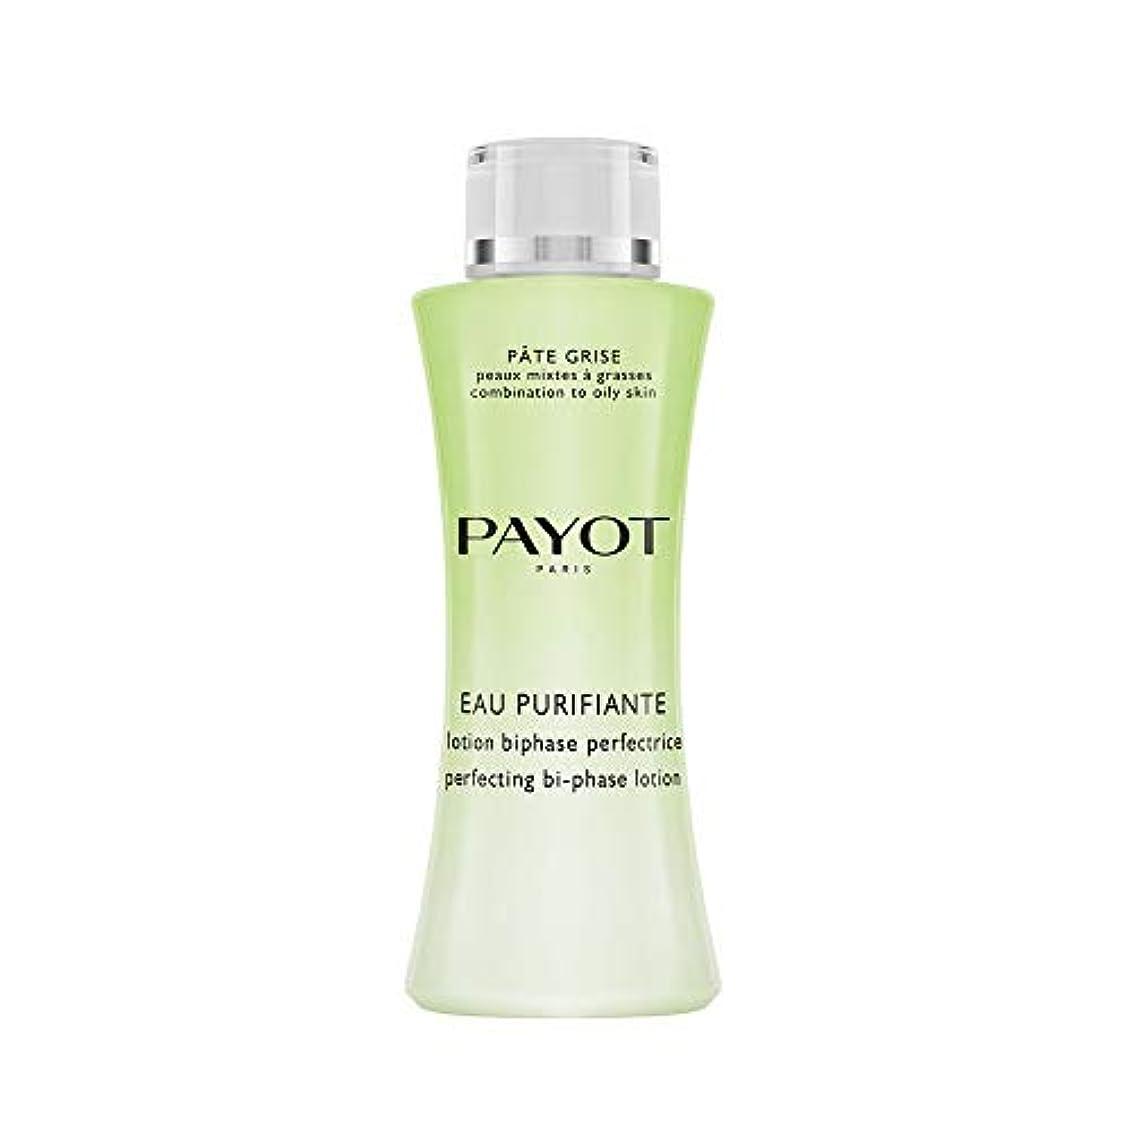 いまアナロジーゴミパイヨ Pate Grise Eau Purifiante Perfecting Bi-Phase Lotion (Salon Size) 400ml/13.5oz並行輸入品